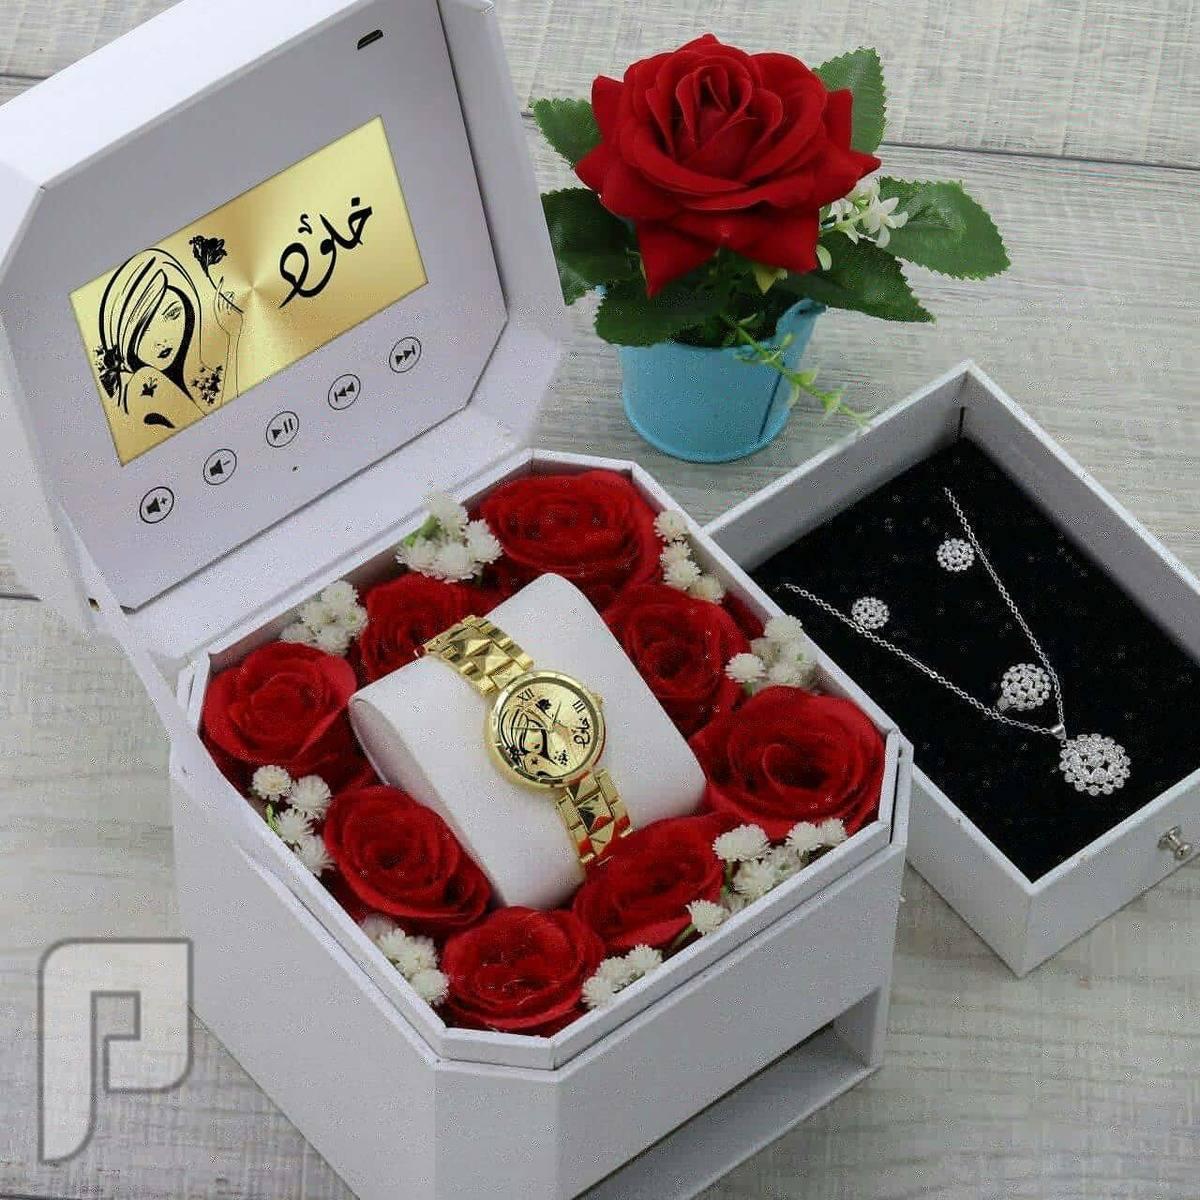 اجمل عروض الهدايا النسائية المثالية